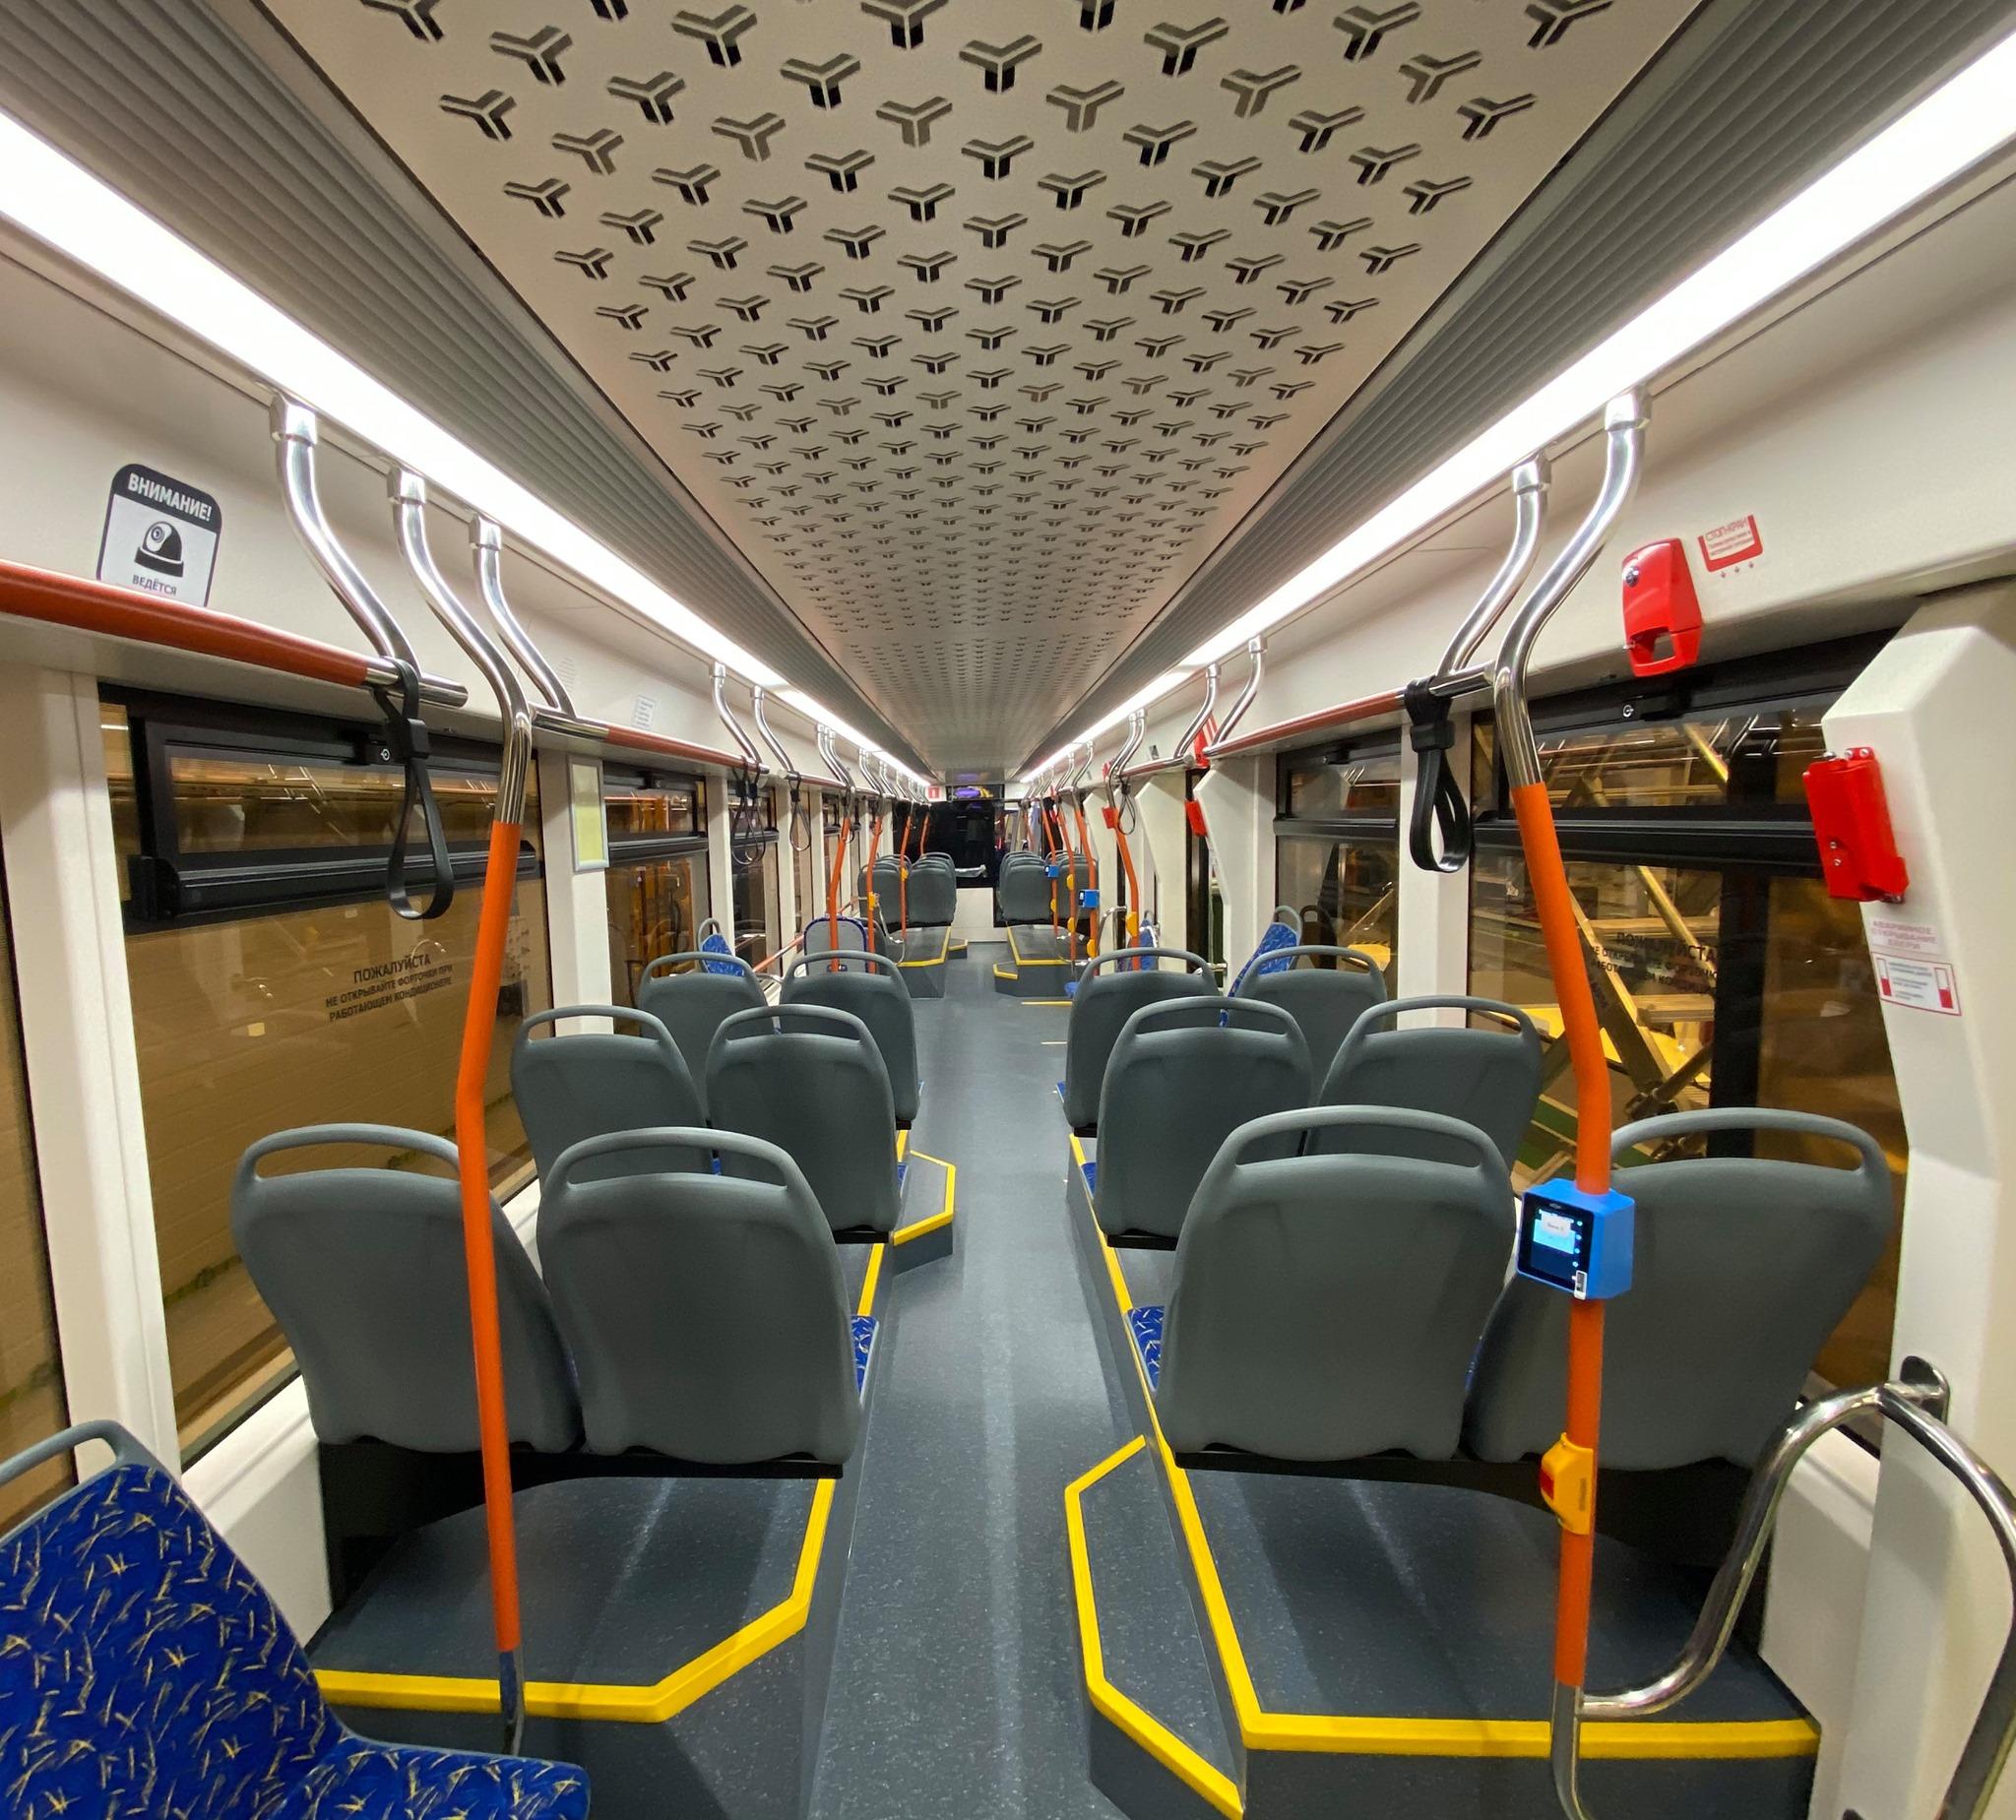 «Львята» оснащены 40 комфортными сидениями, USB-розетками для зарядки мобильных устройств, кондиционерами